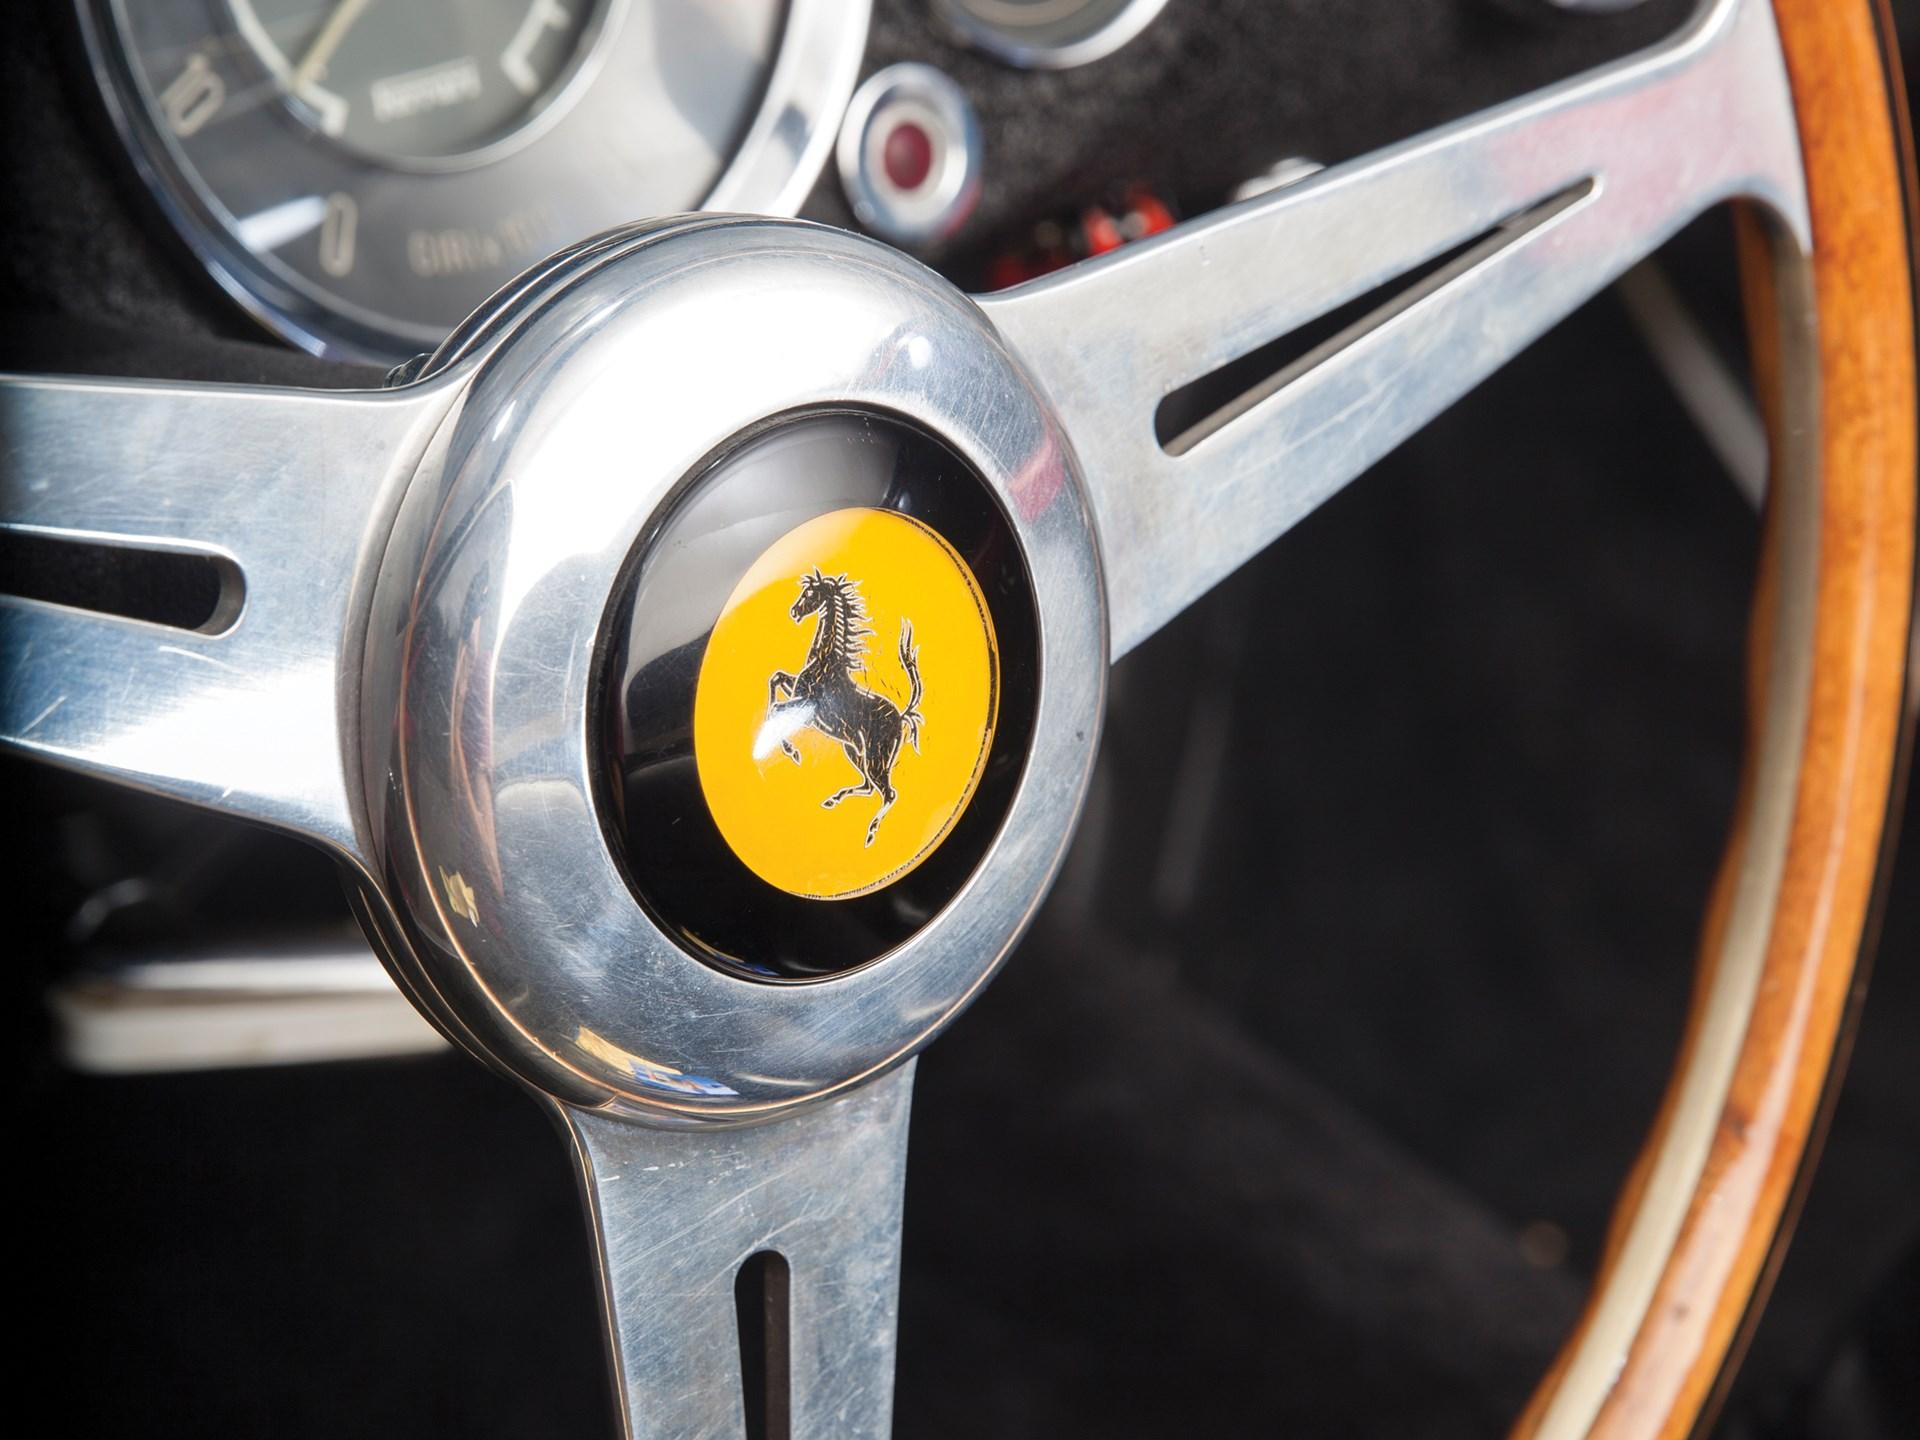 1958 Ferrari 250 GT Berlinetta Competizione 'Tour de France' by Scaglietti